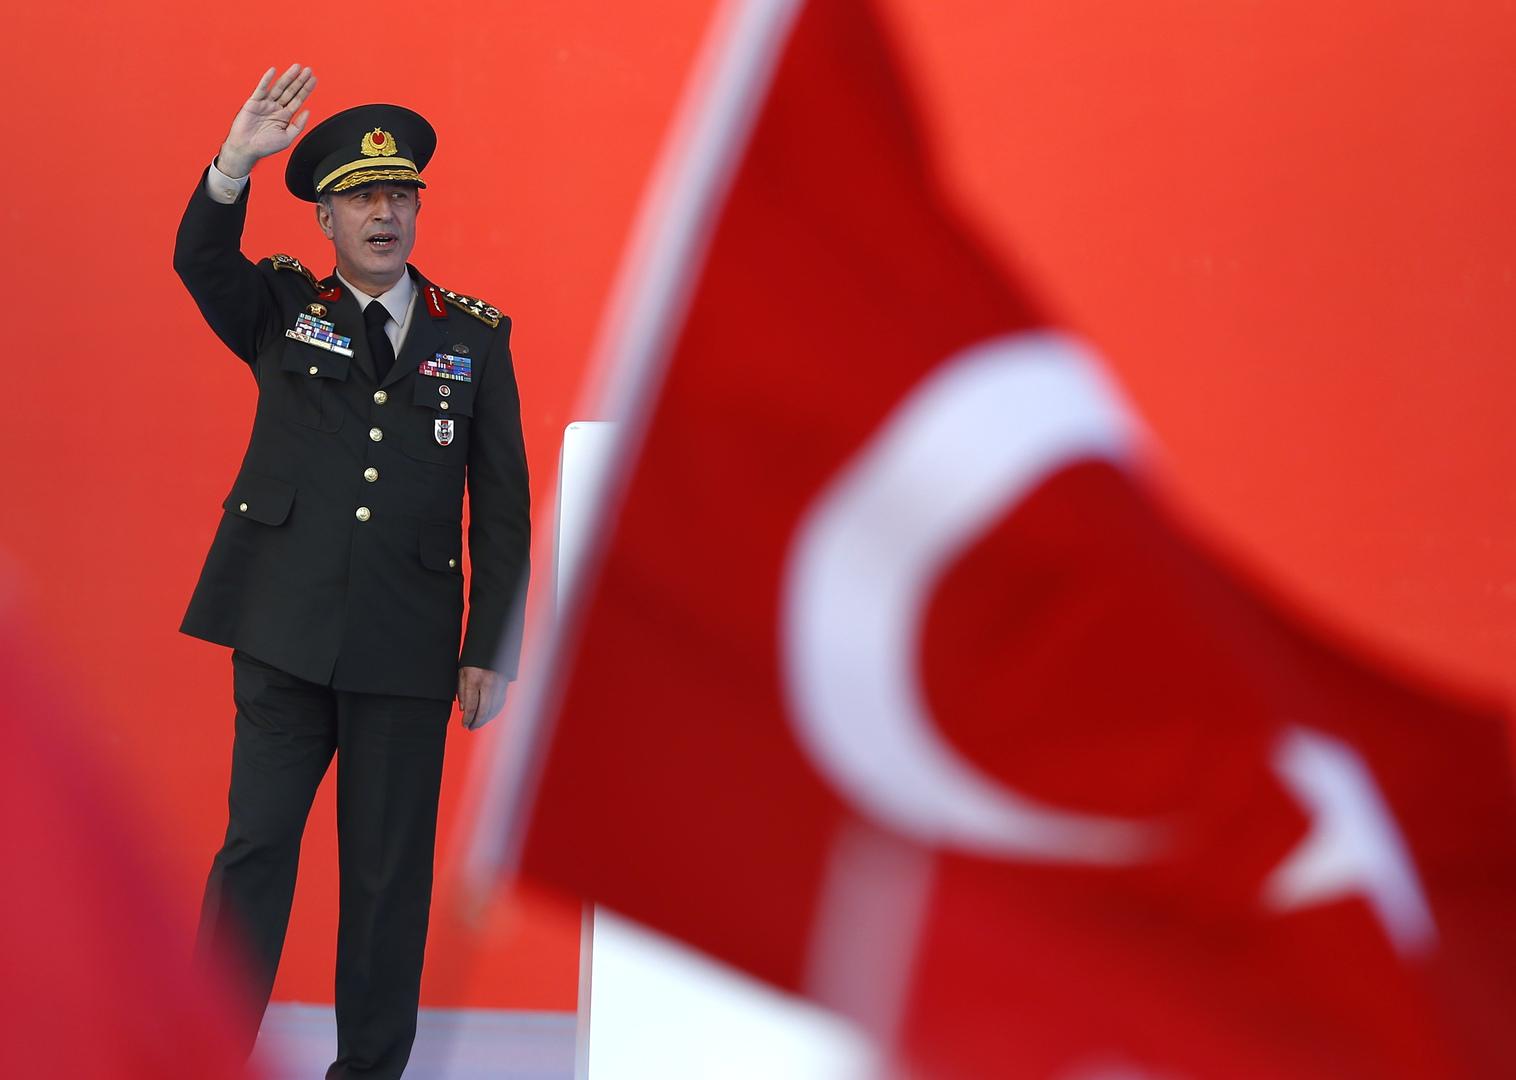 وزير الدفاع التركي خلوصي آكار، صورة من الأرشيف